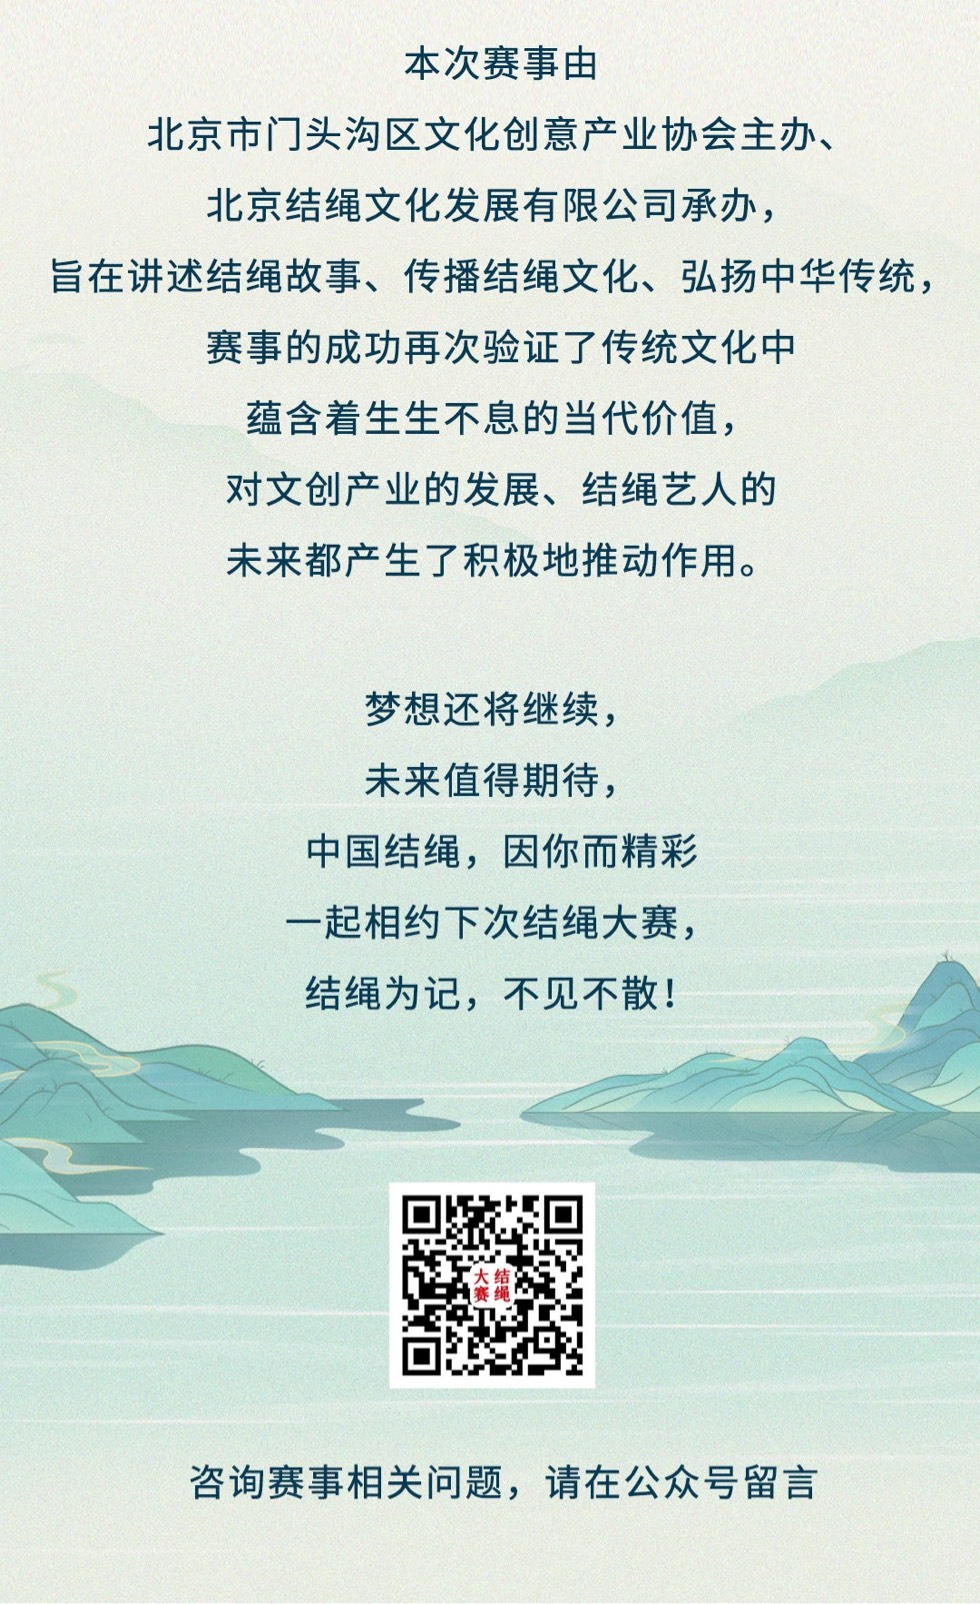 中国结论坛 中国结绳设计师大赛 四股绳收尾图解,中国结编织绳,中国结艺网,室内设计大赛有哪些 作品展示 202323kx34dzvxe44r33xi